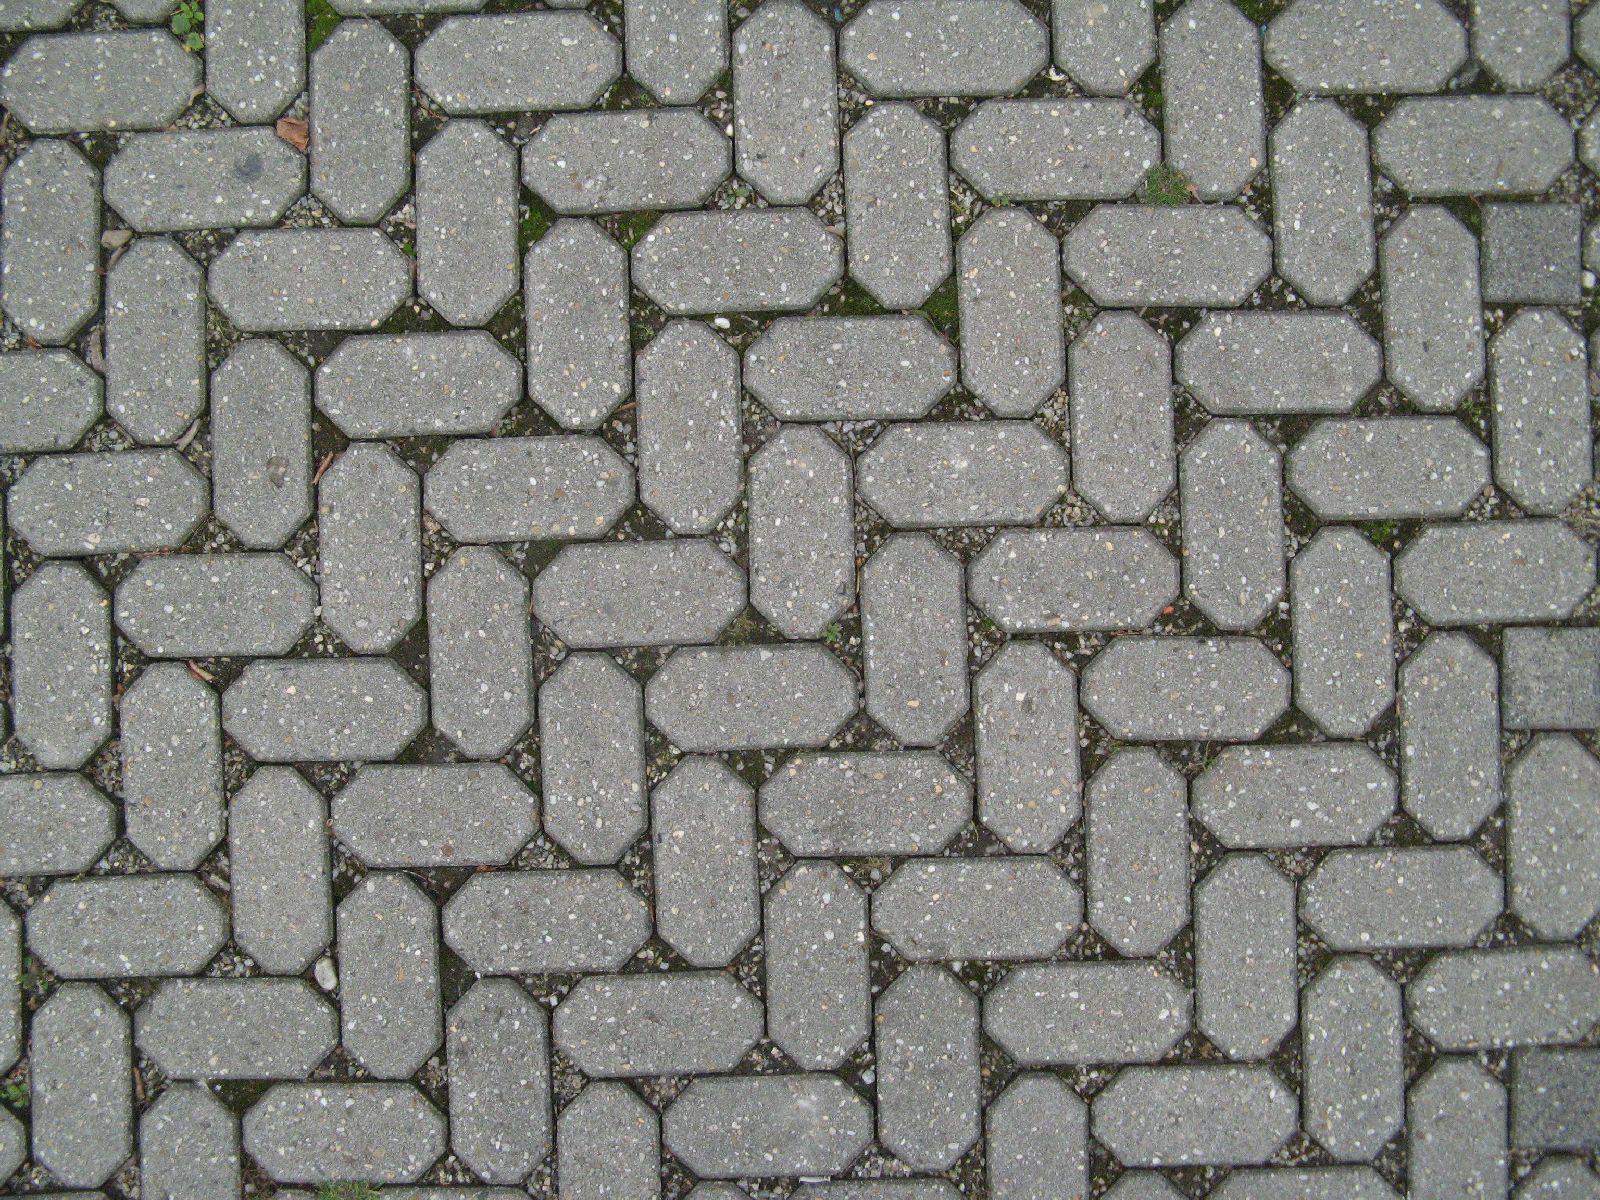 Ground-Urban_Texture_B_3829